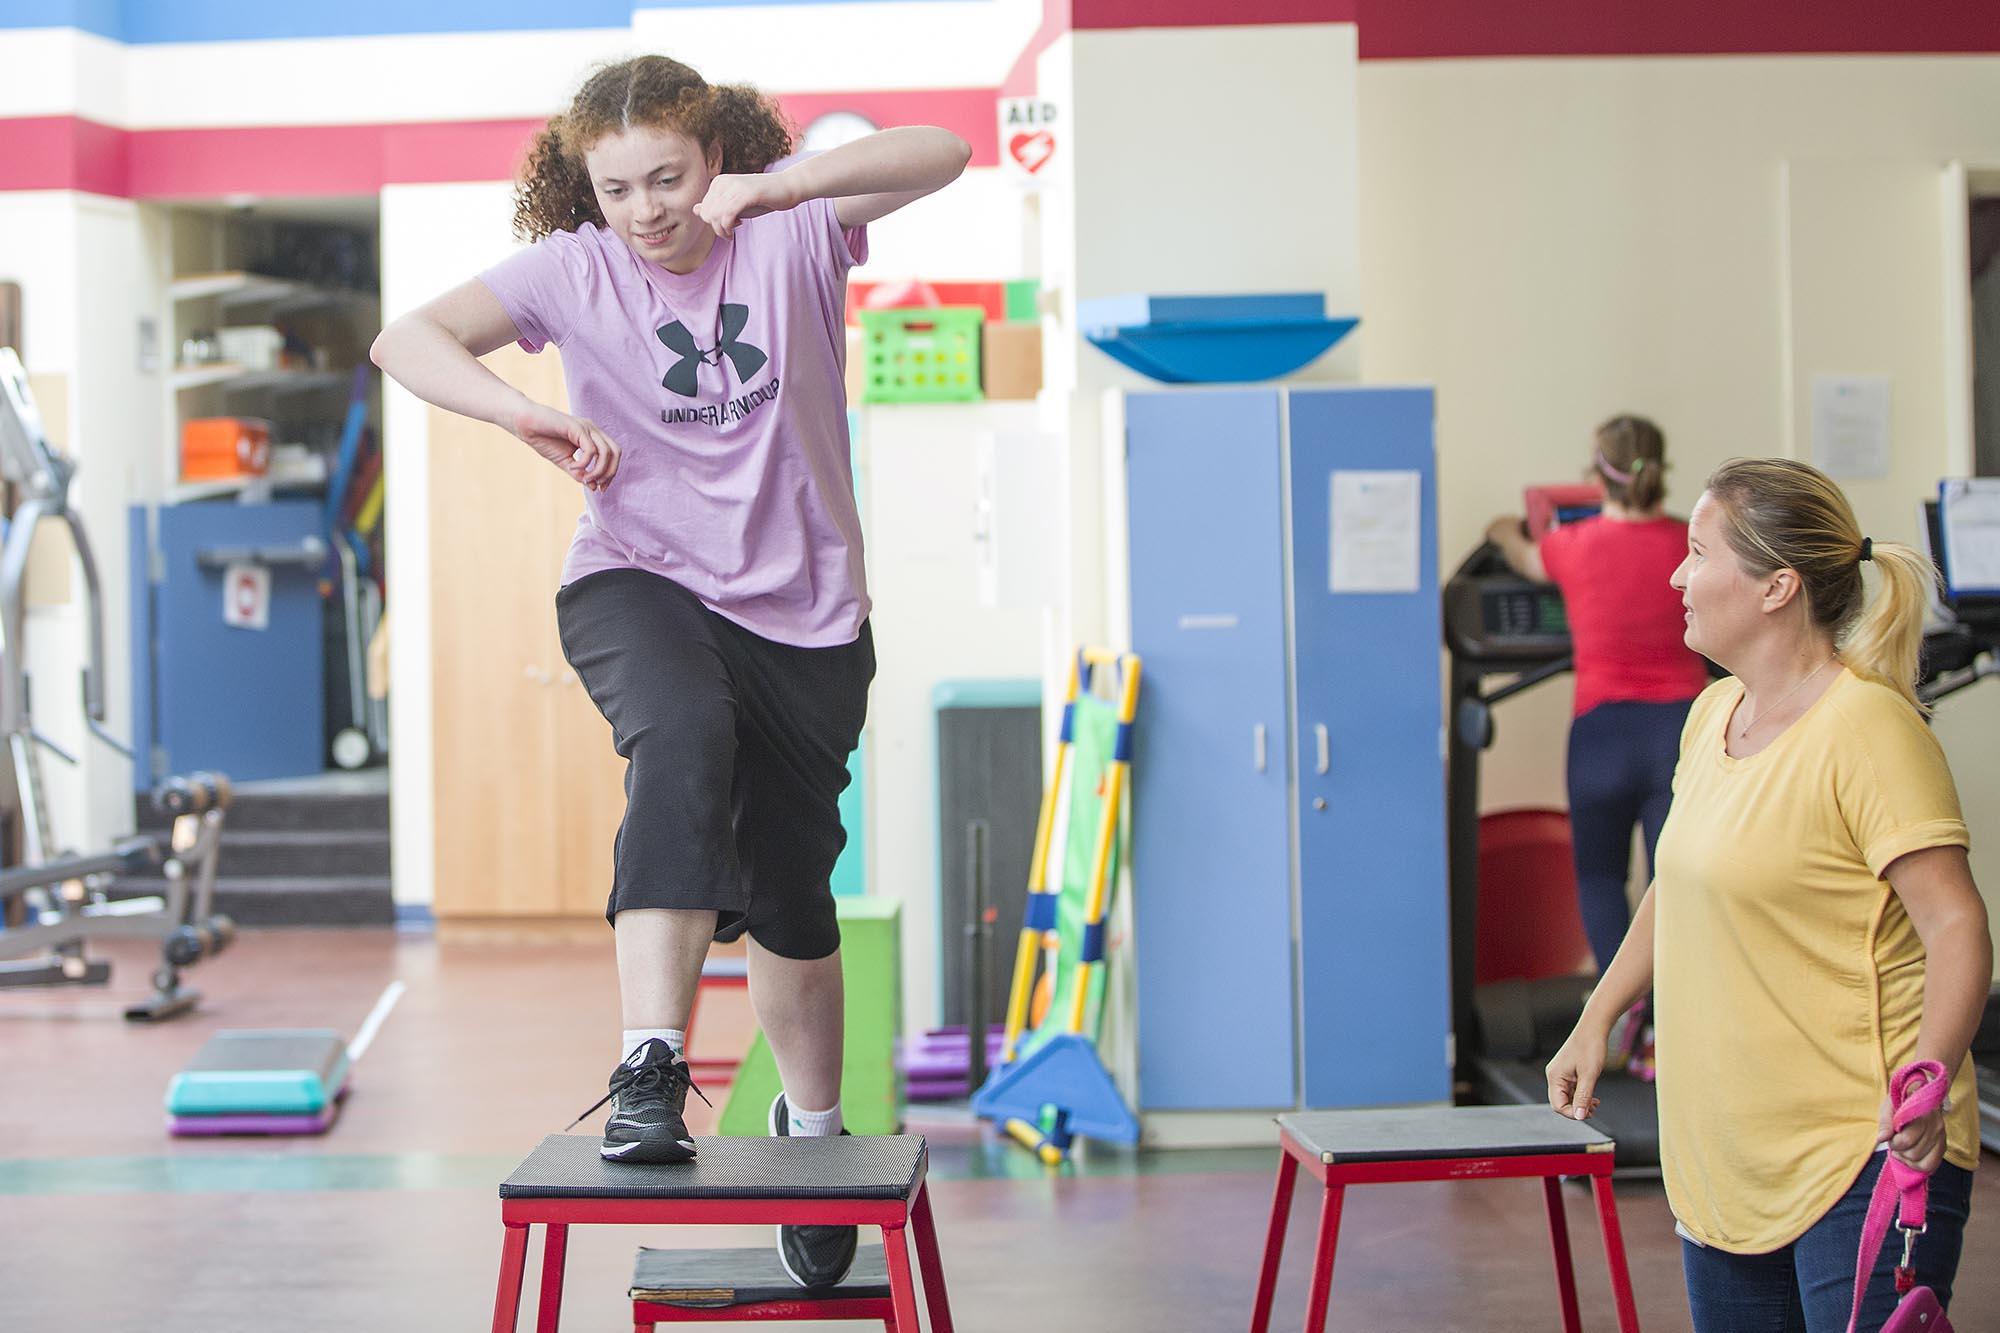 NECC student in gymnasium